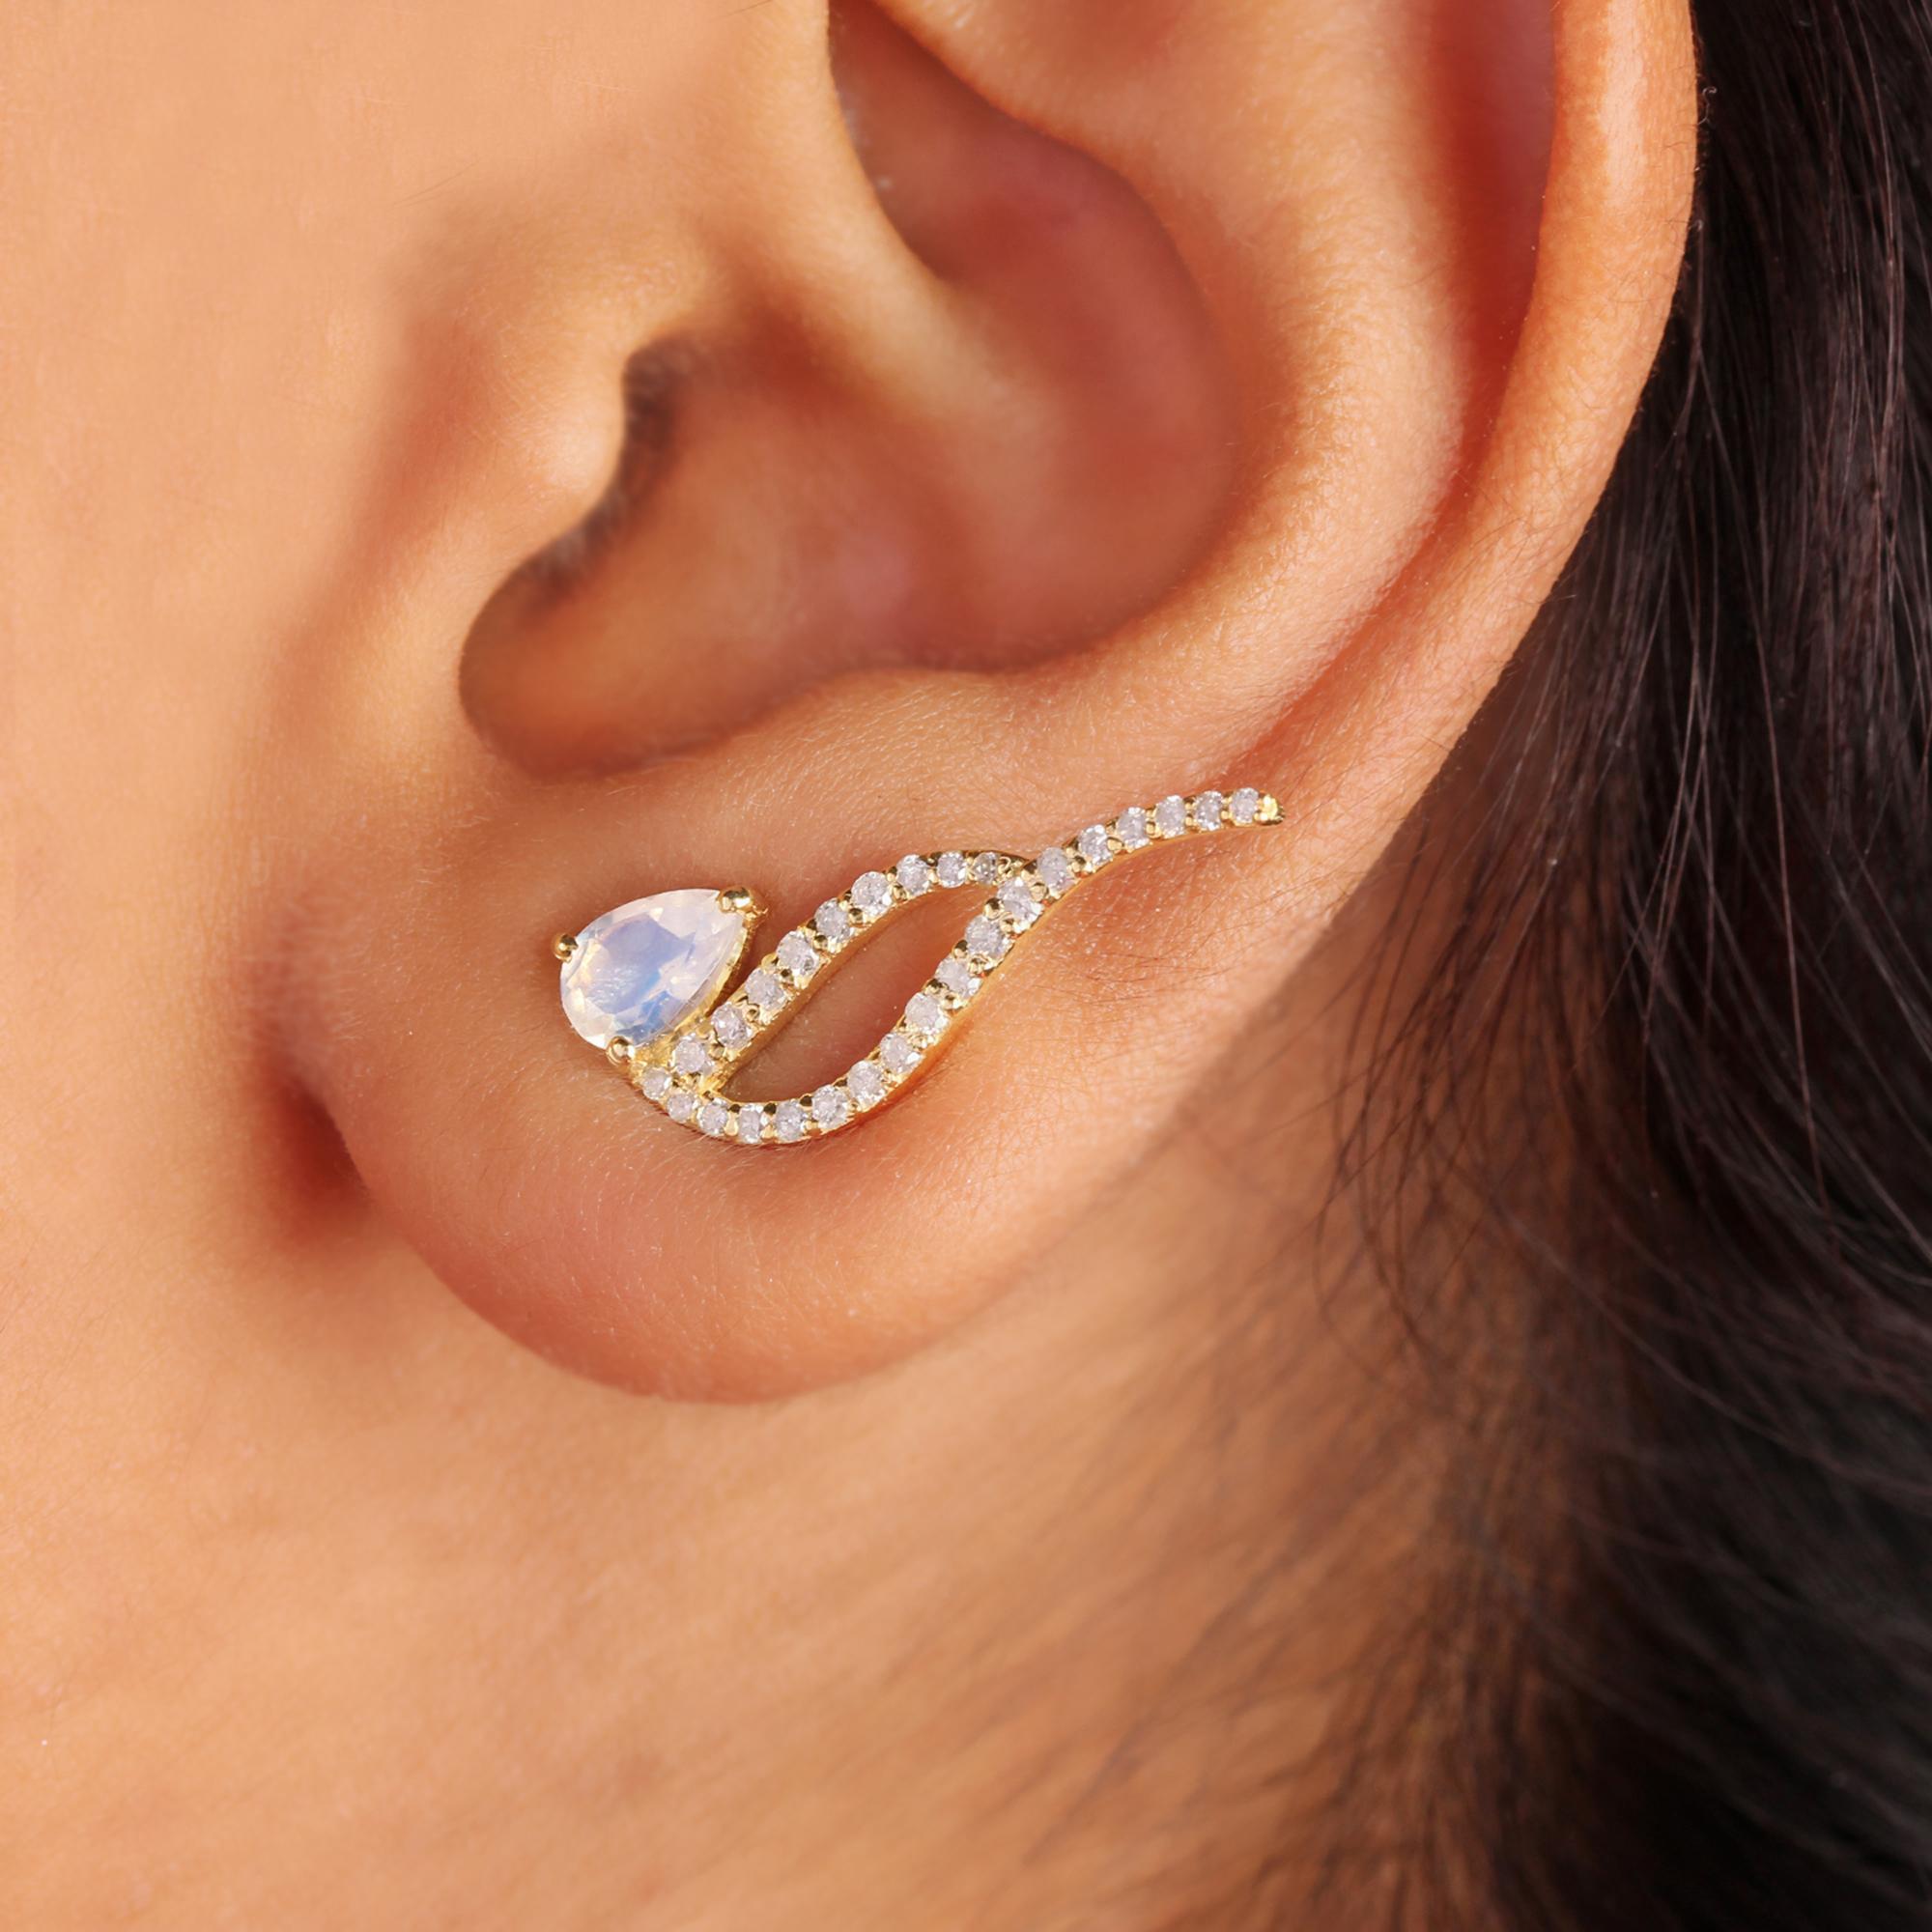 Natural Diamond 14k Solid Gold Rainbow Moonstone Stud Earrings